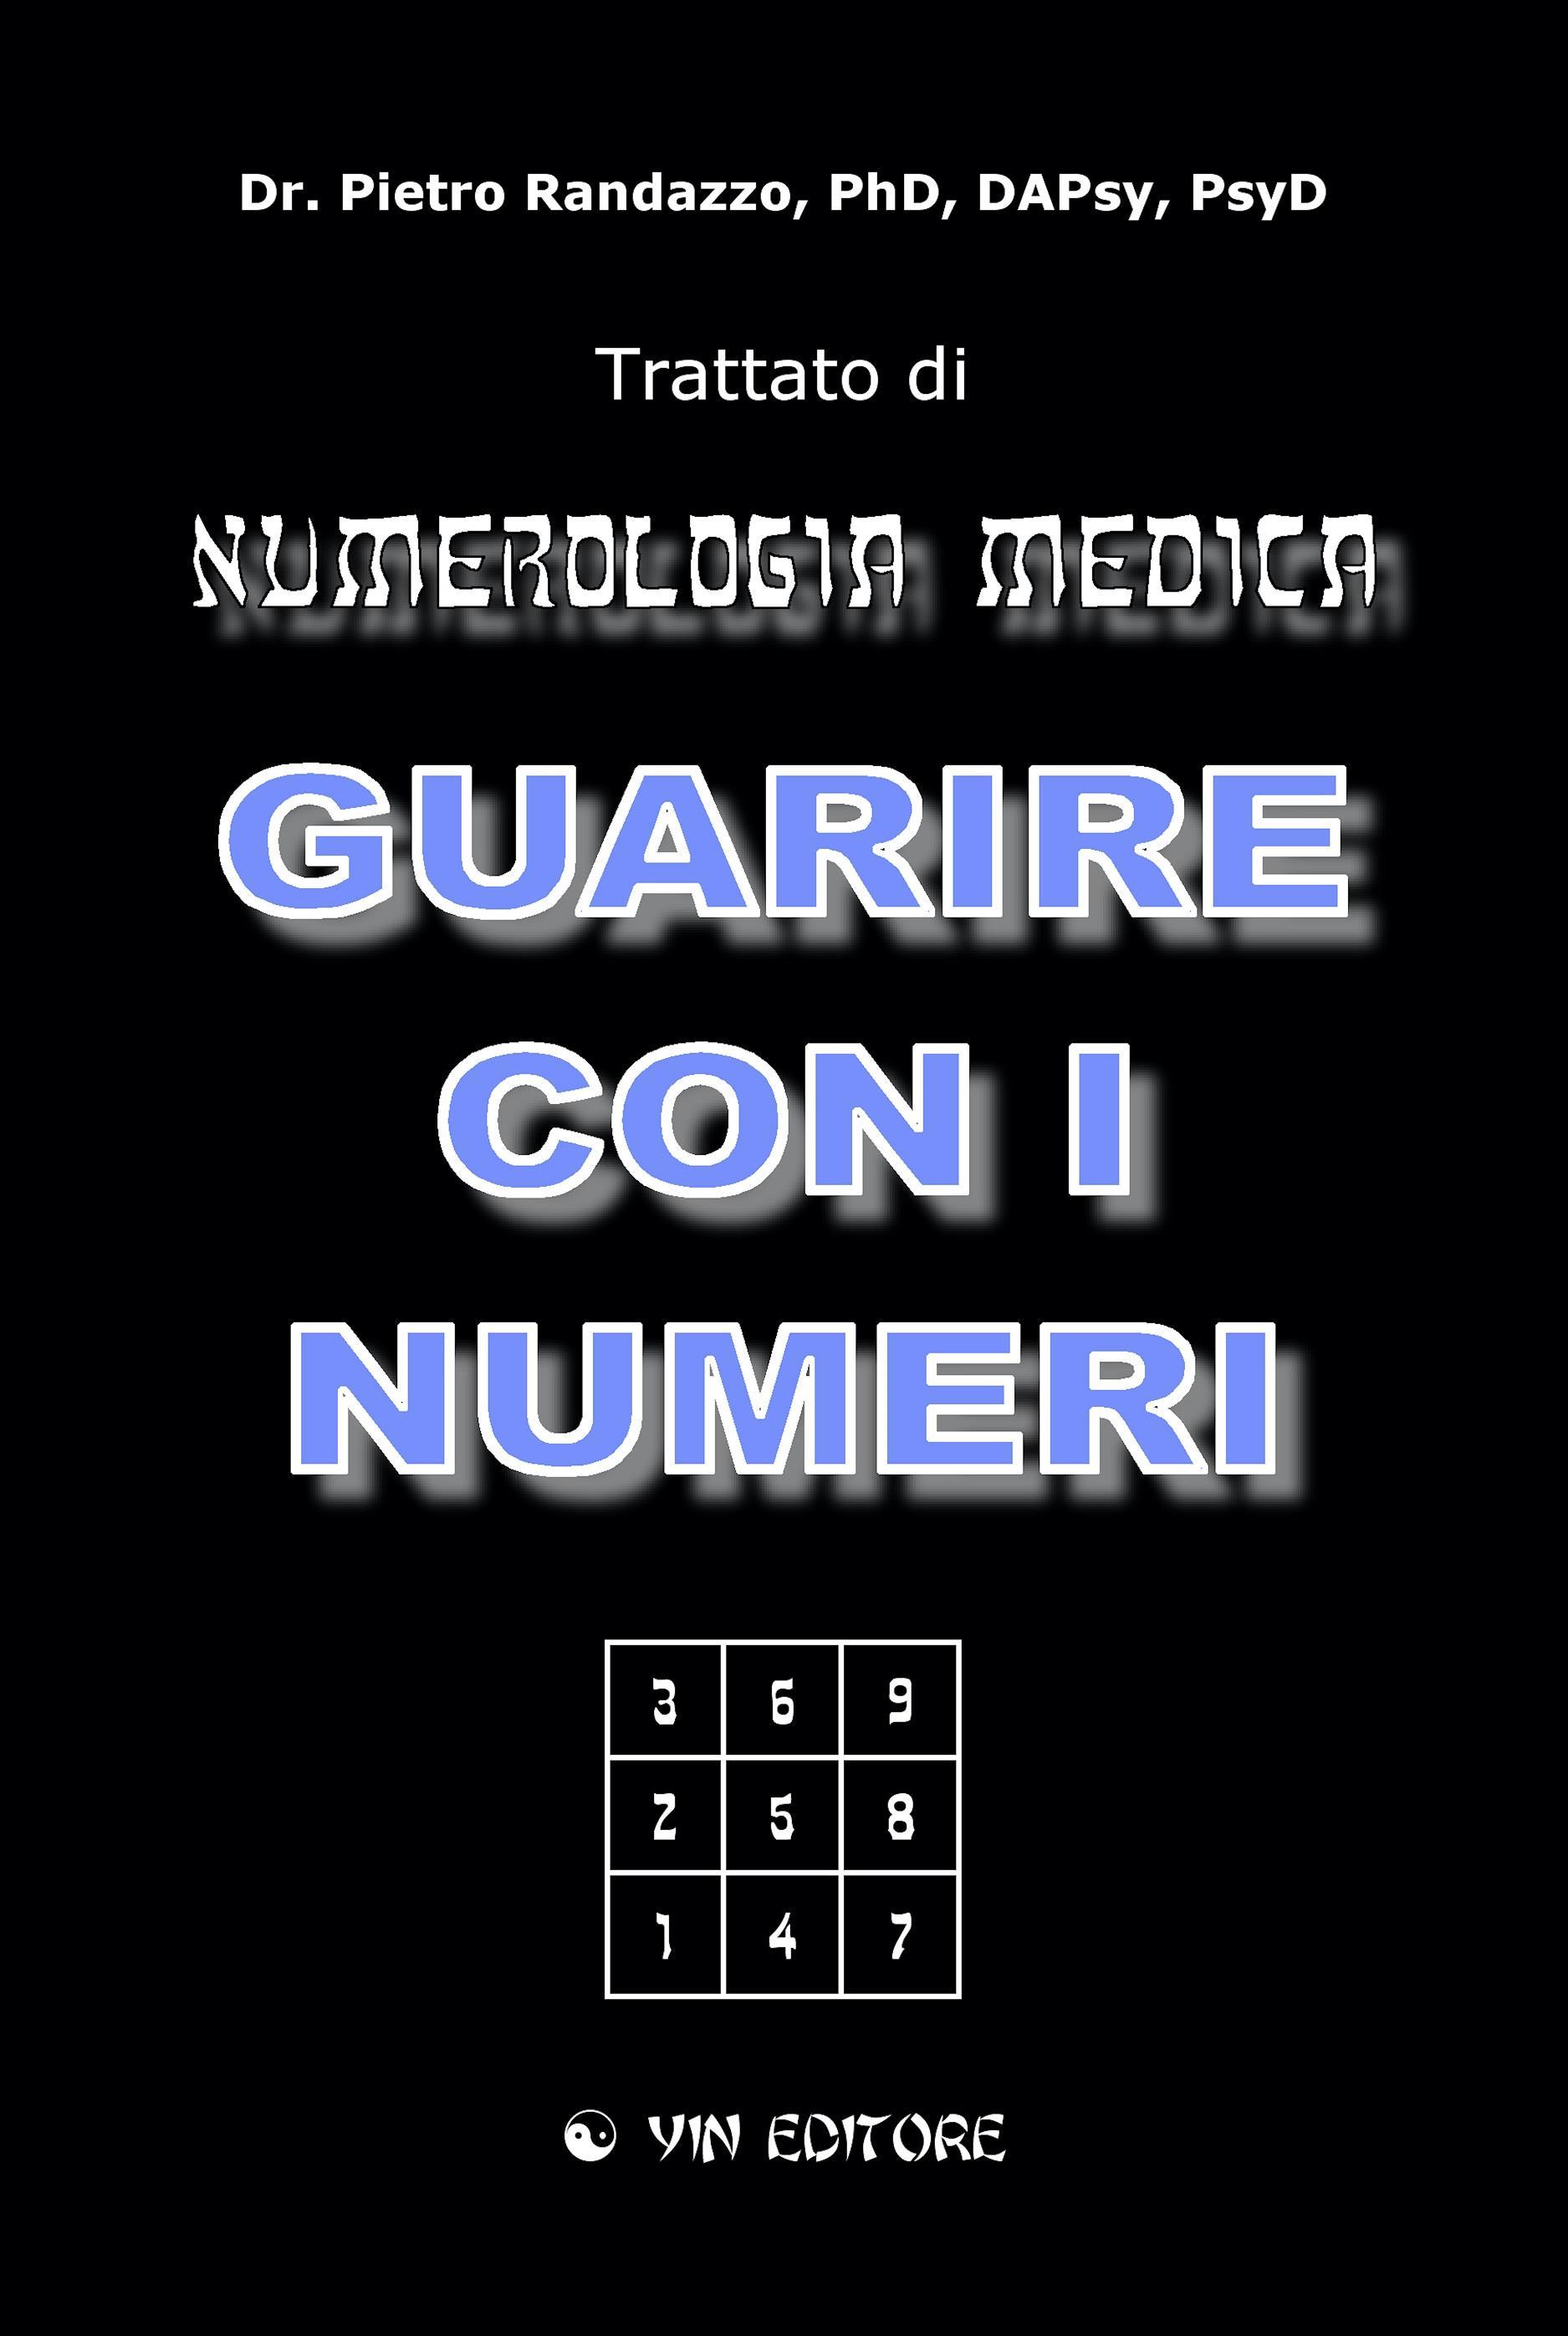 GUARIRE CON I NUMERI - Trattato di Numerologia Medica